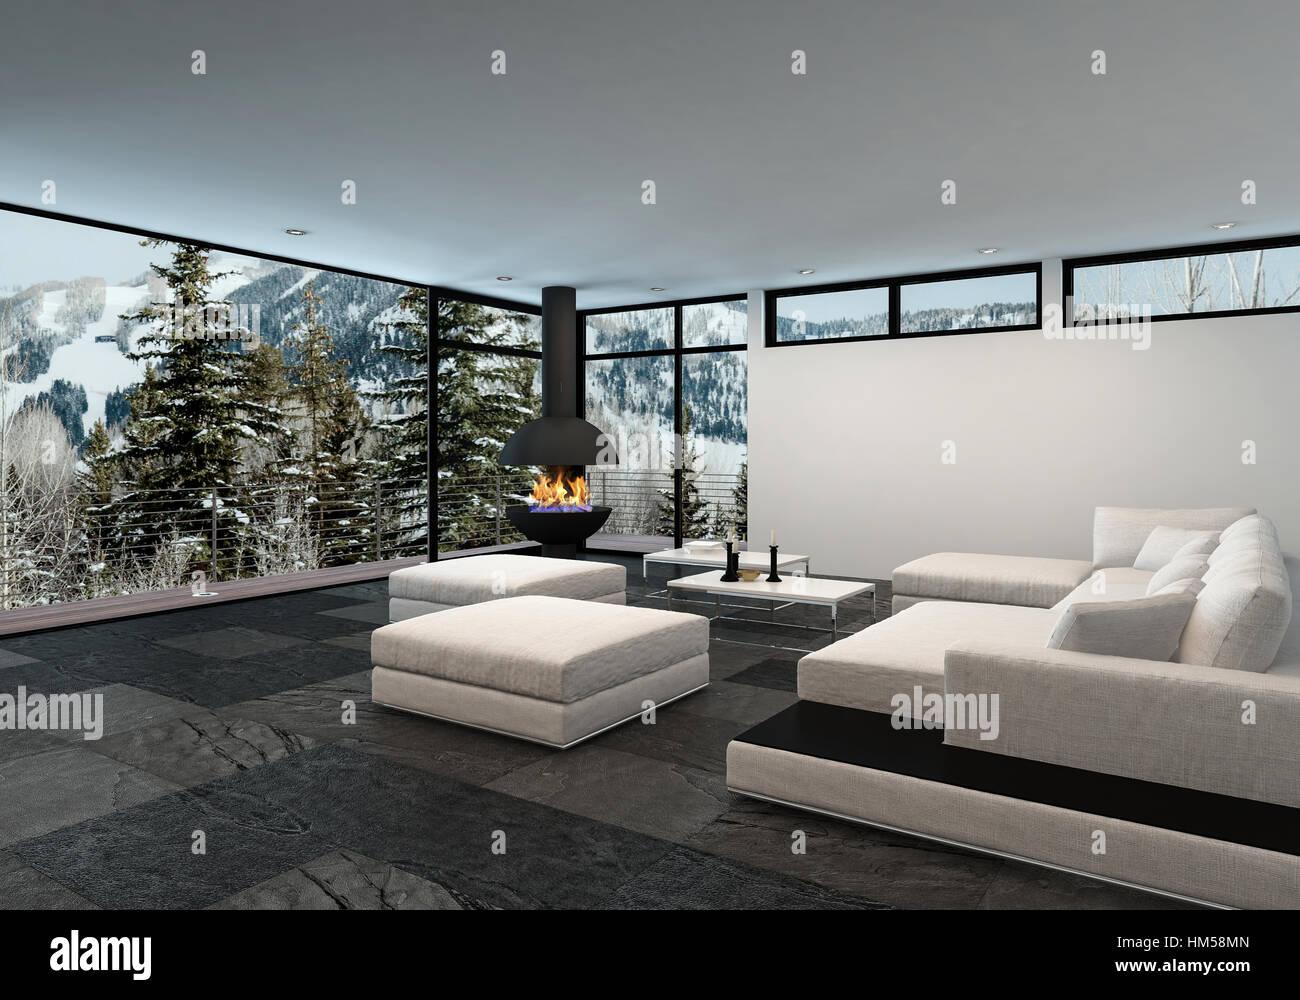 Geräumigen, luxuriösen Wohnzimmer Interieur in eine Berghütte oder ...